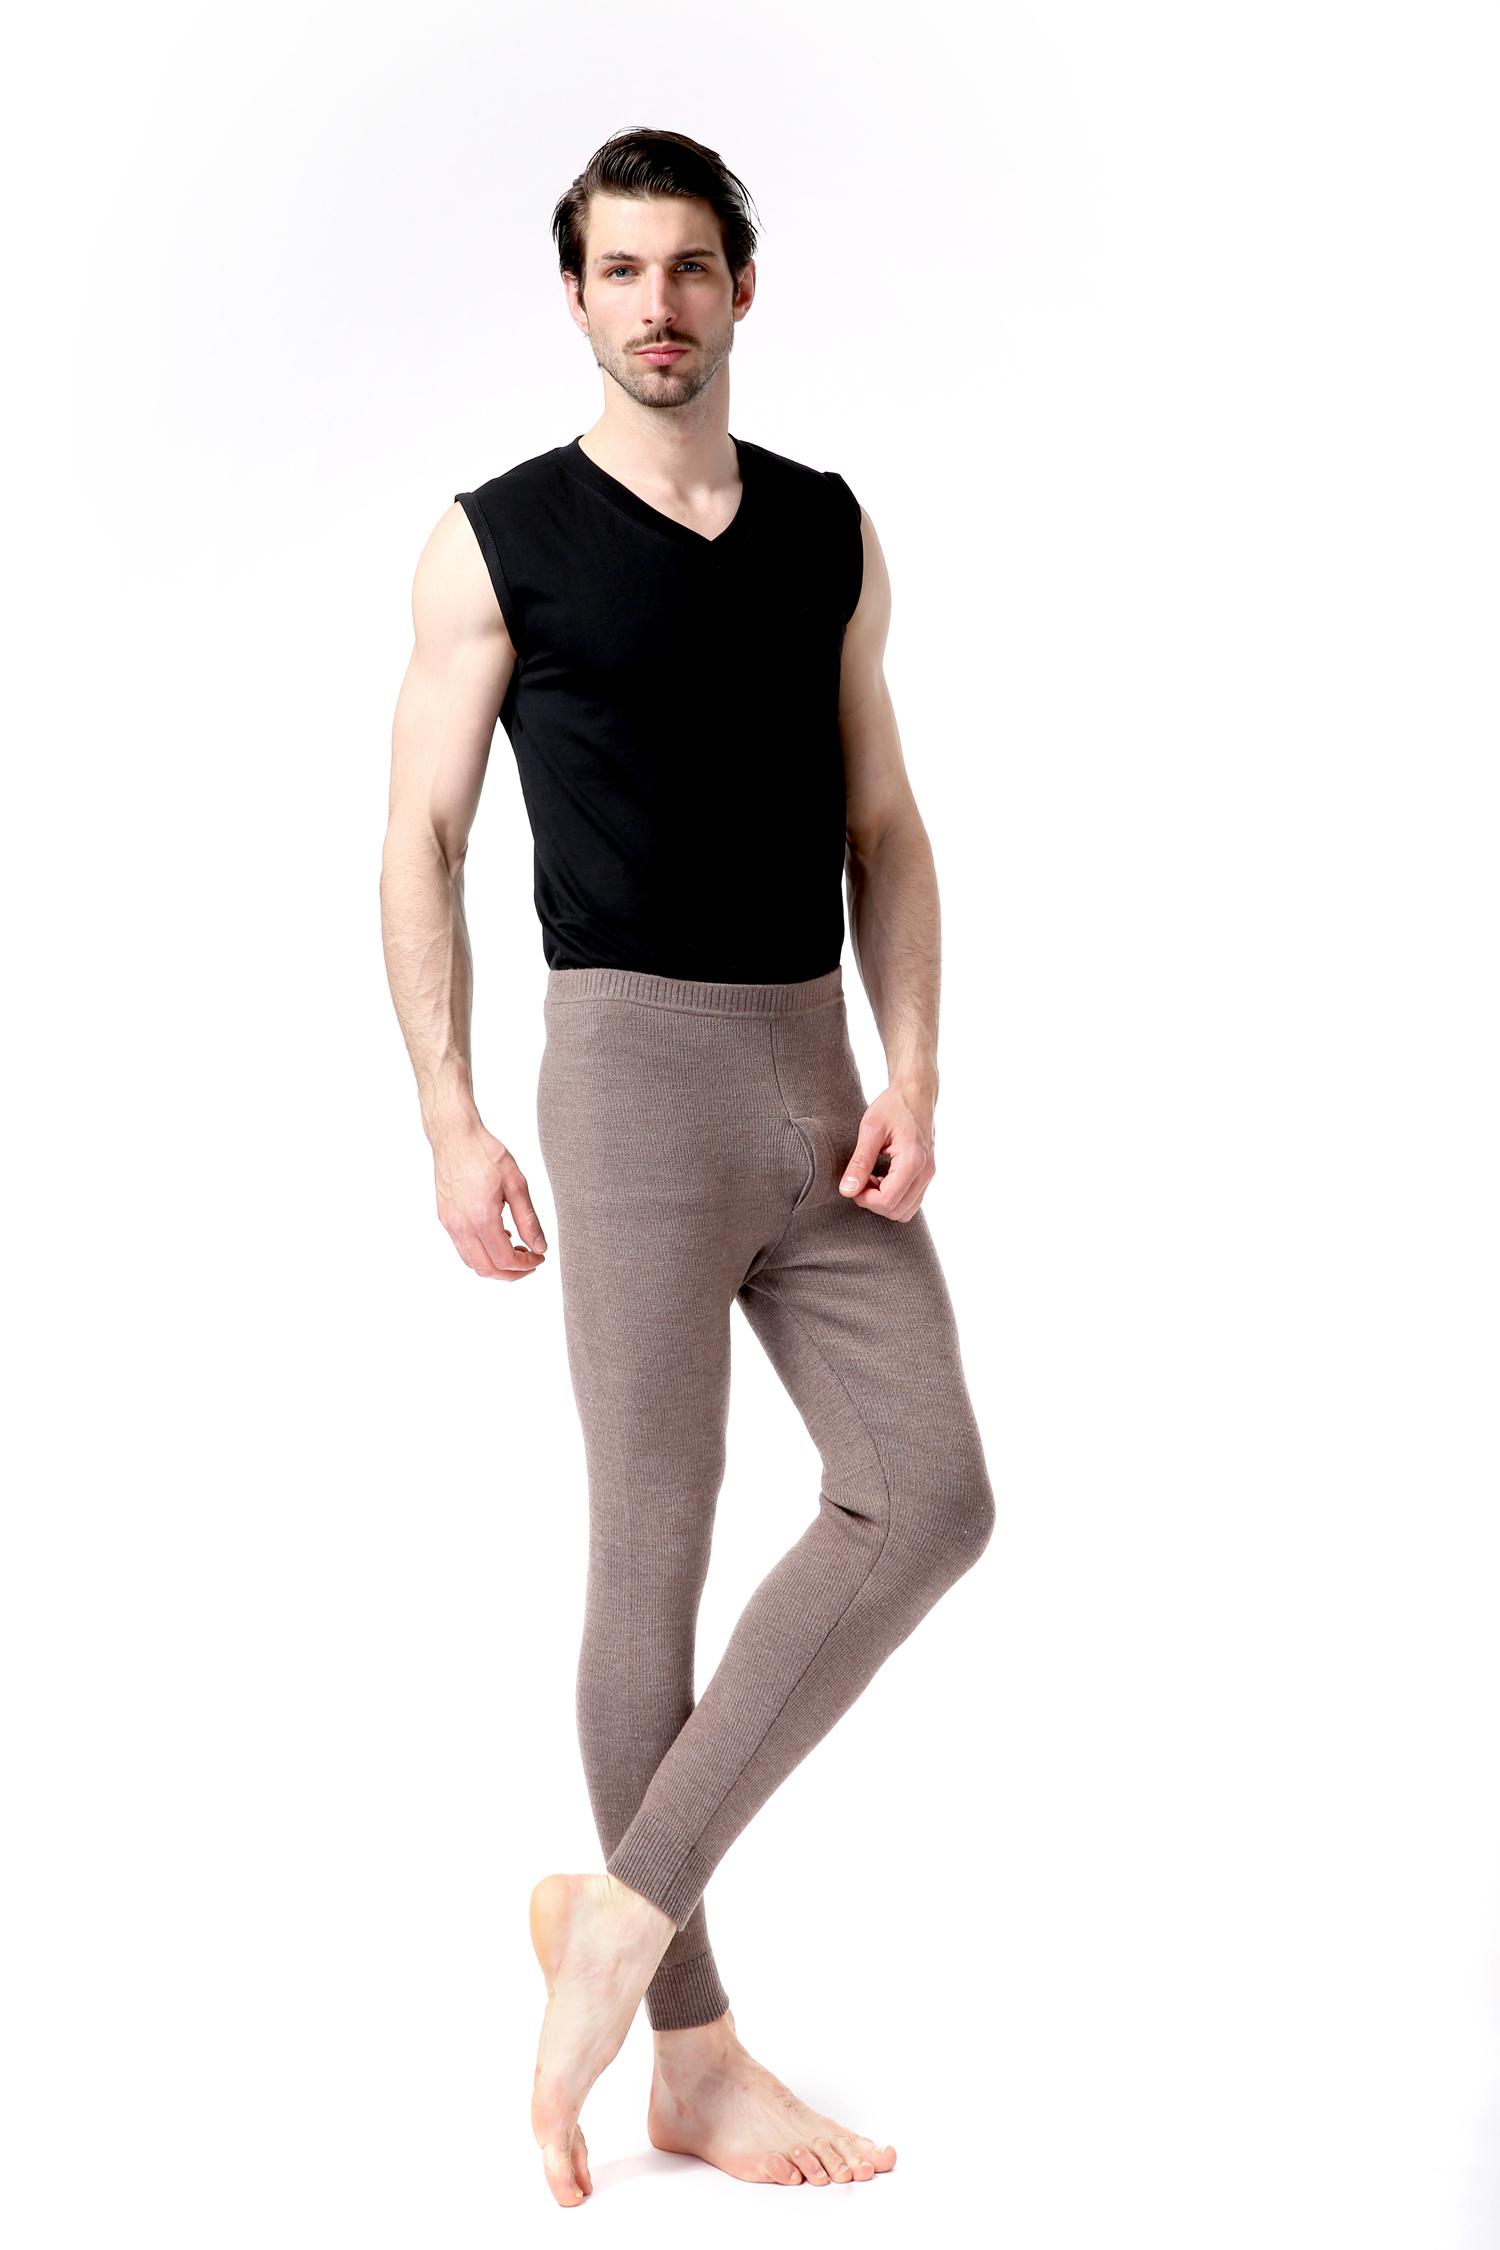 个性男士打底绒裤|最优质的都兰诺斯澳毛男抽条裤推荐